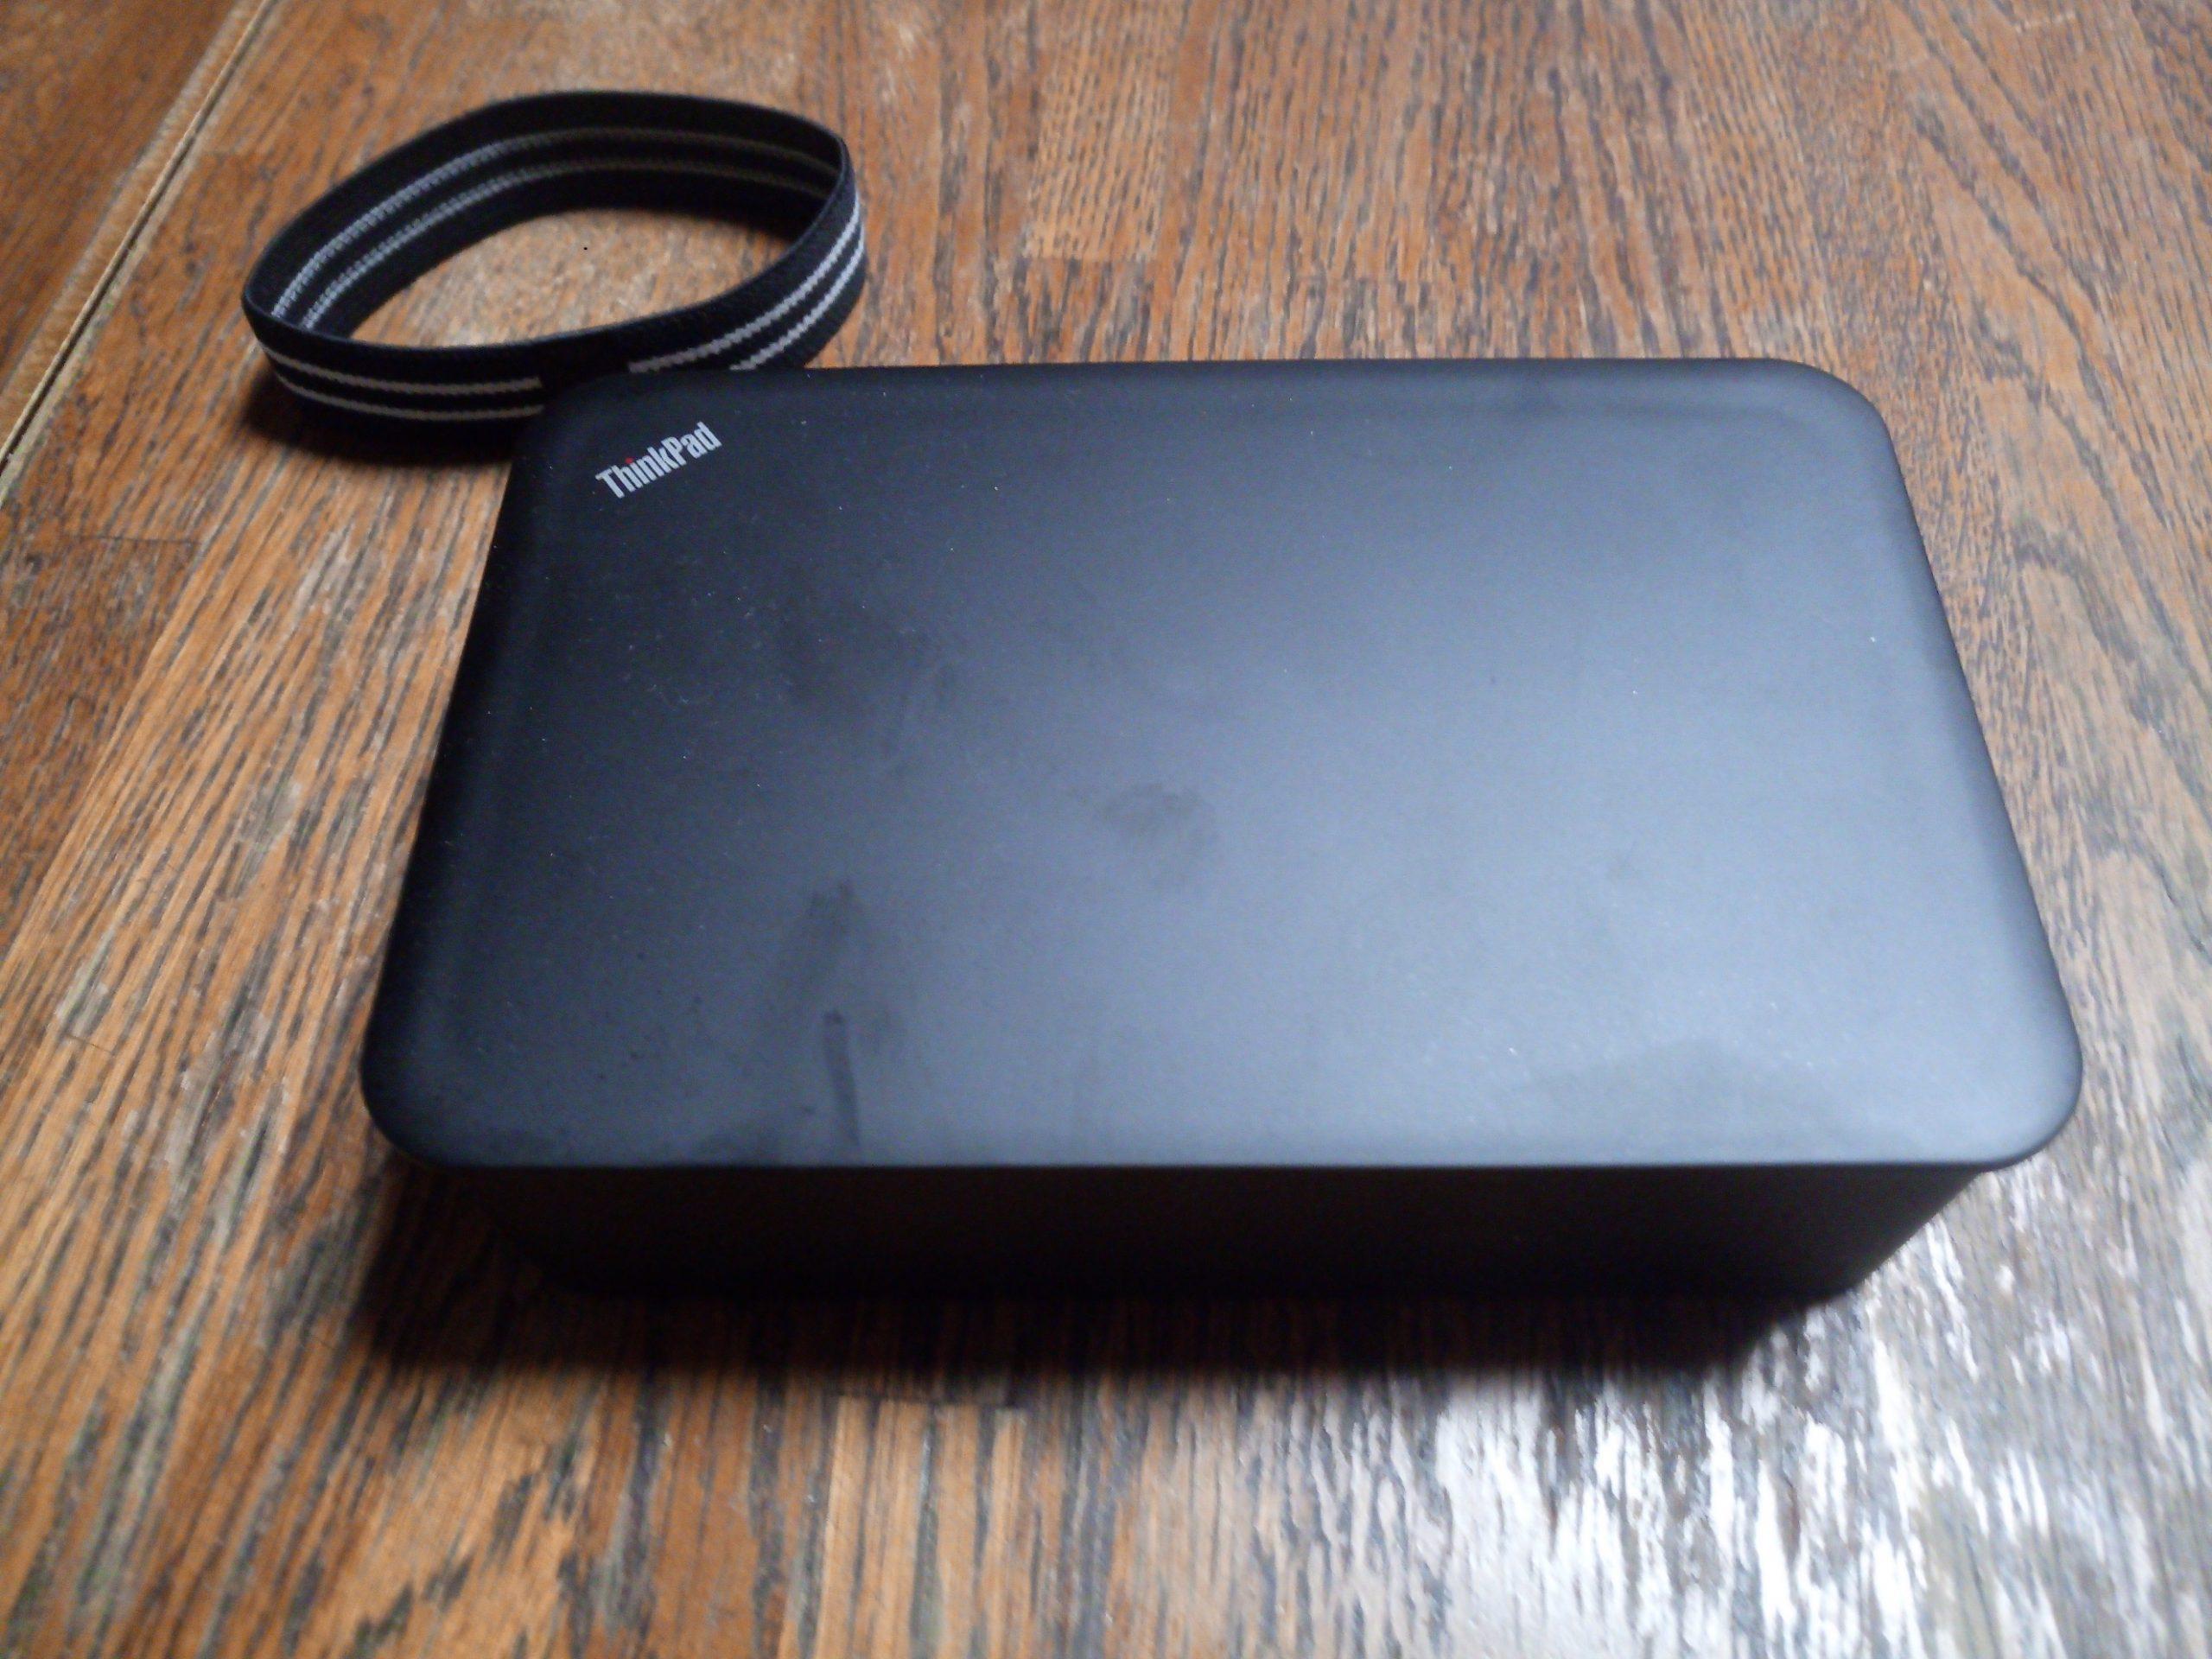 ThinkPad オリジナル弁当箱全景2